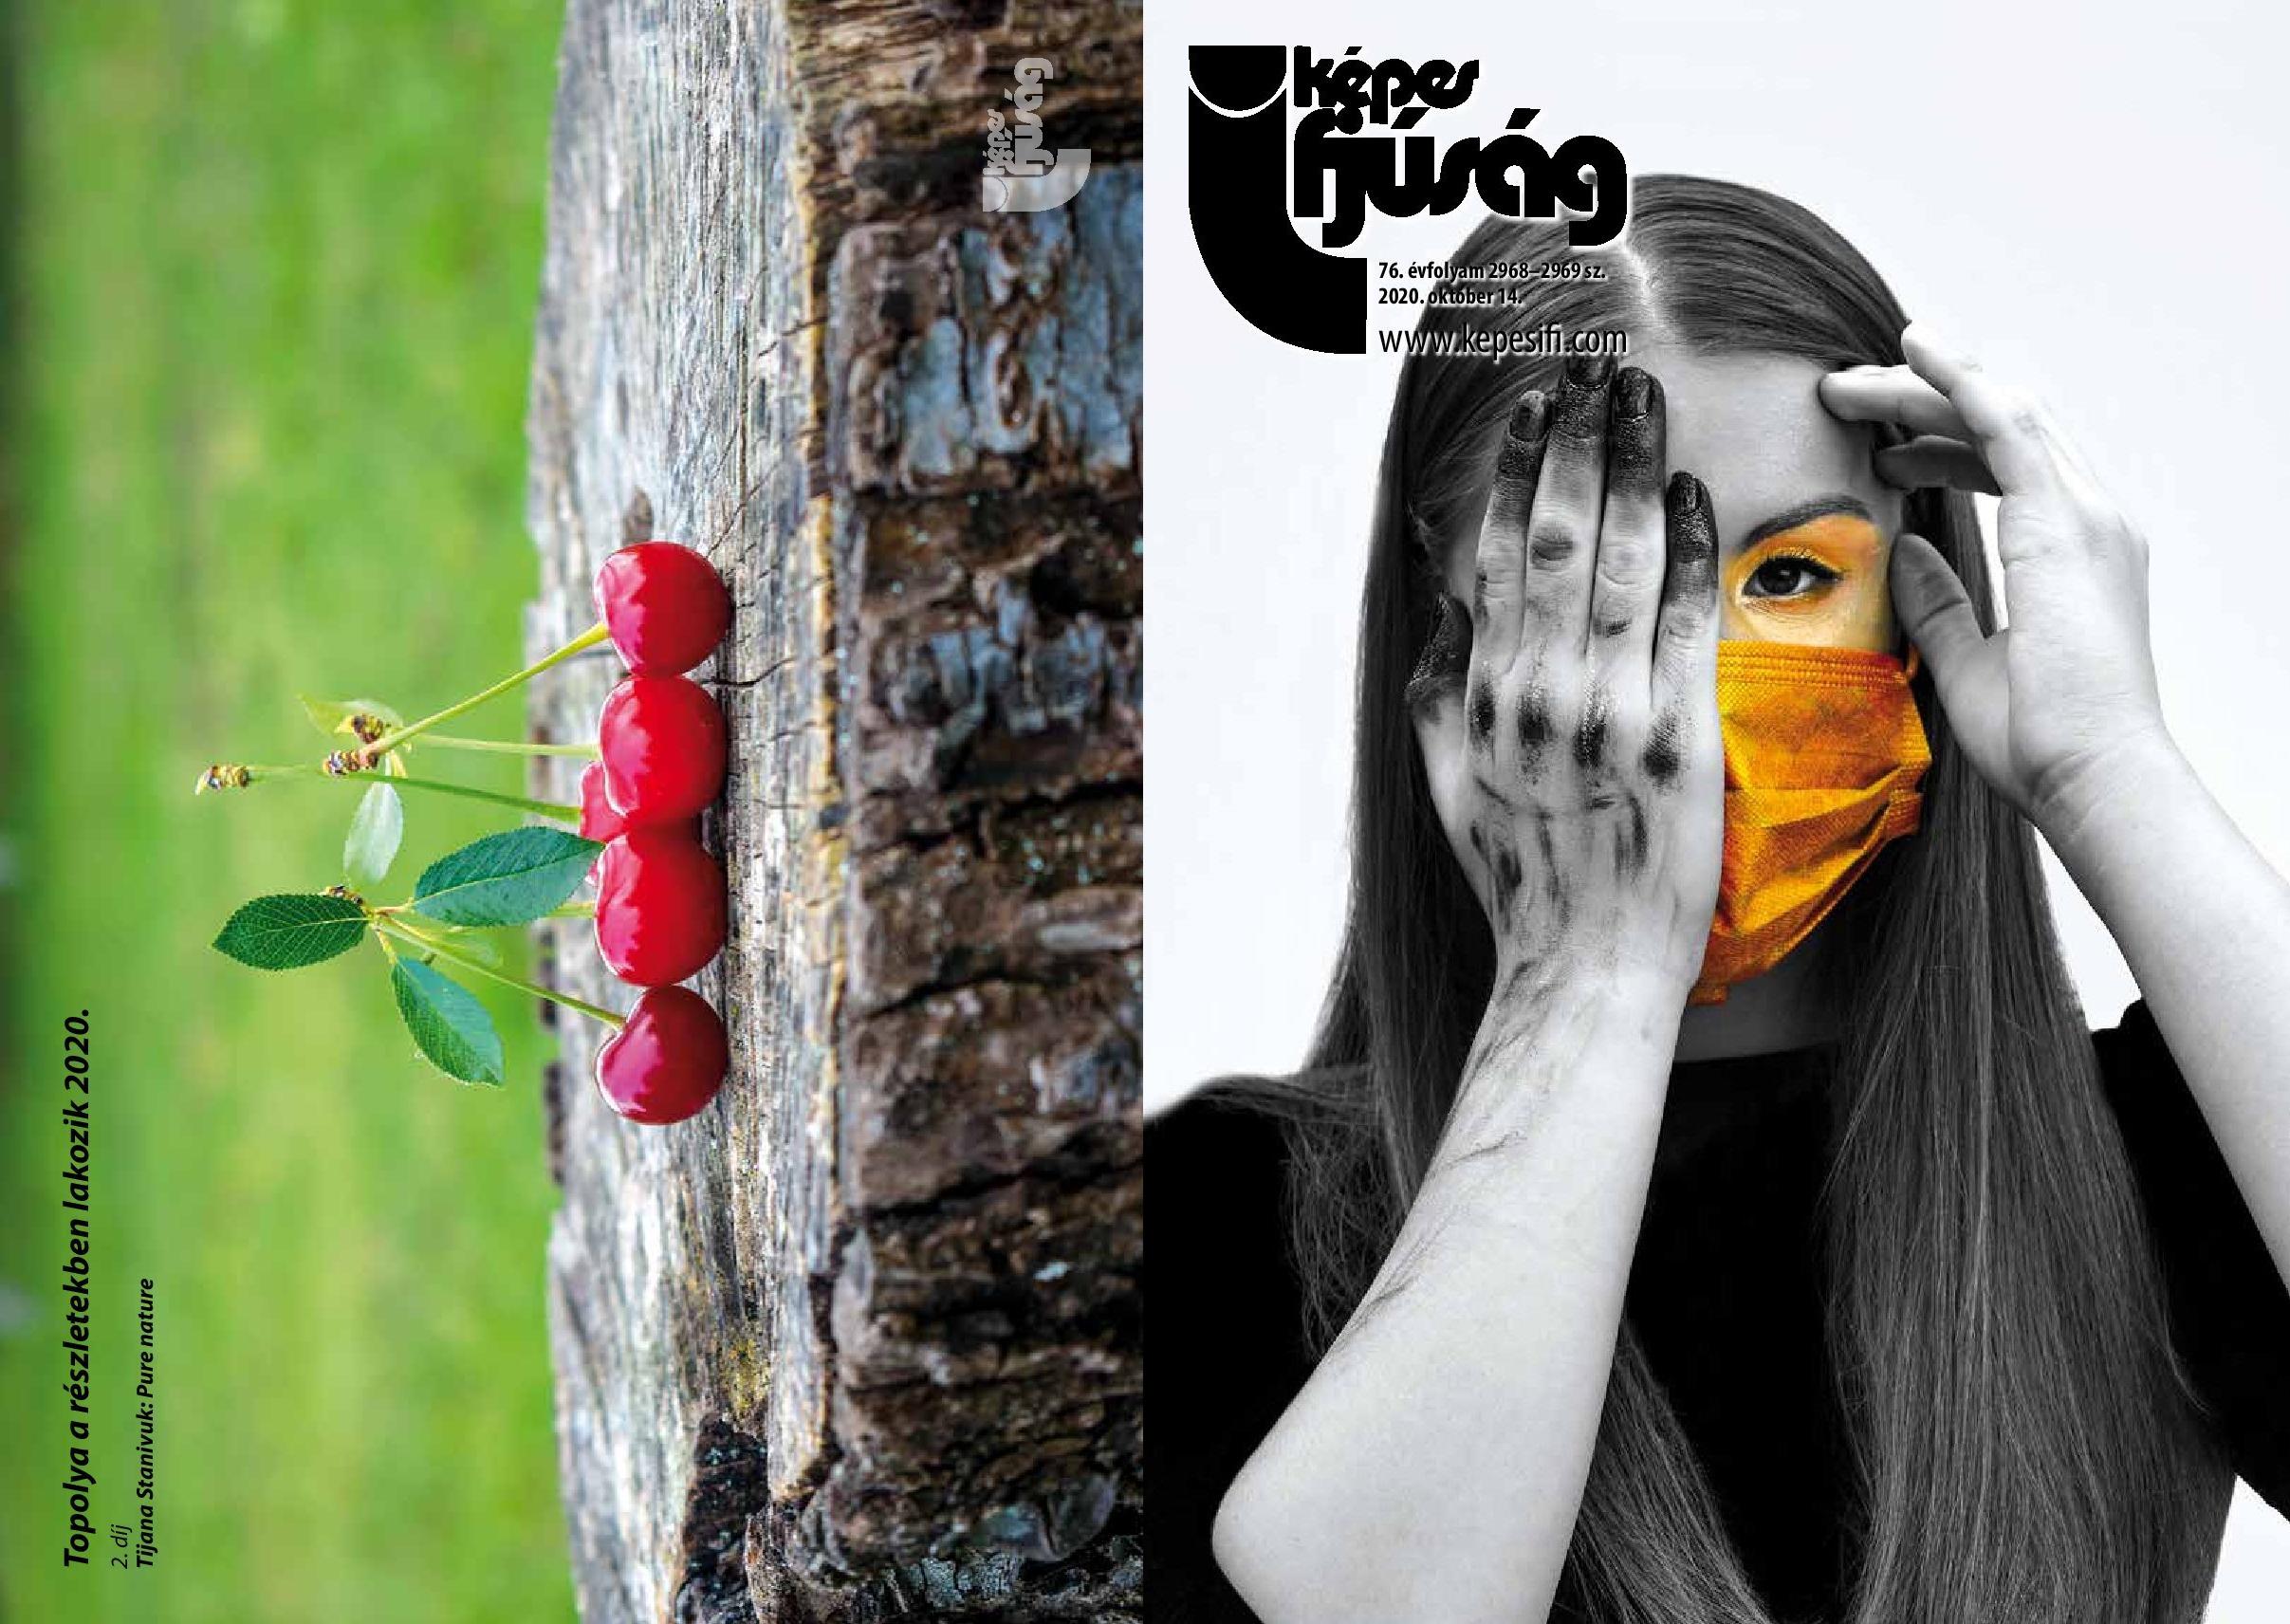 Címoldal: Magosi Máté Hátsó oldal: Topolya a részletekben lakozik 2020 – Tijana Stanivuk